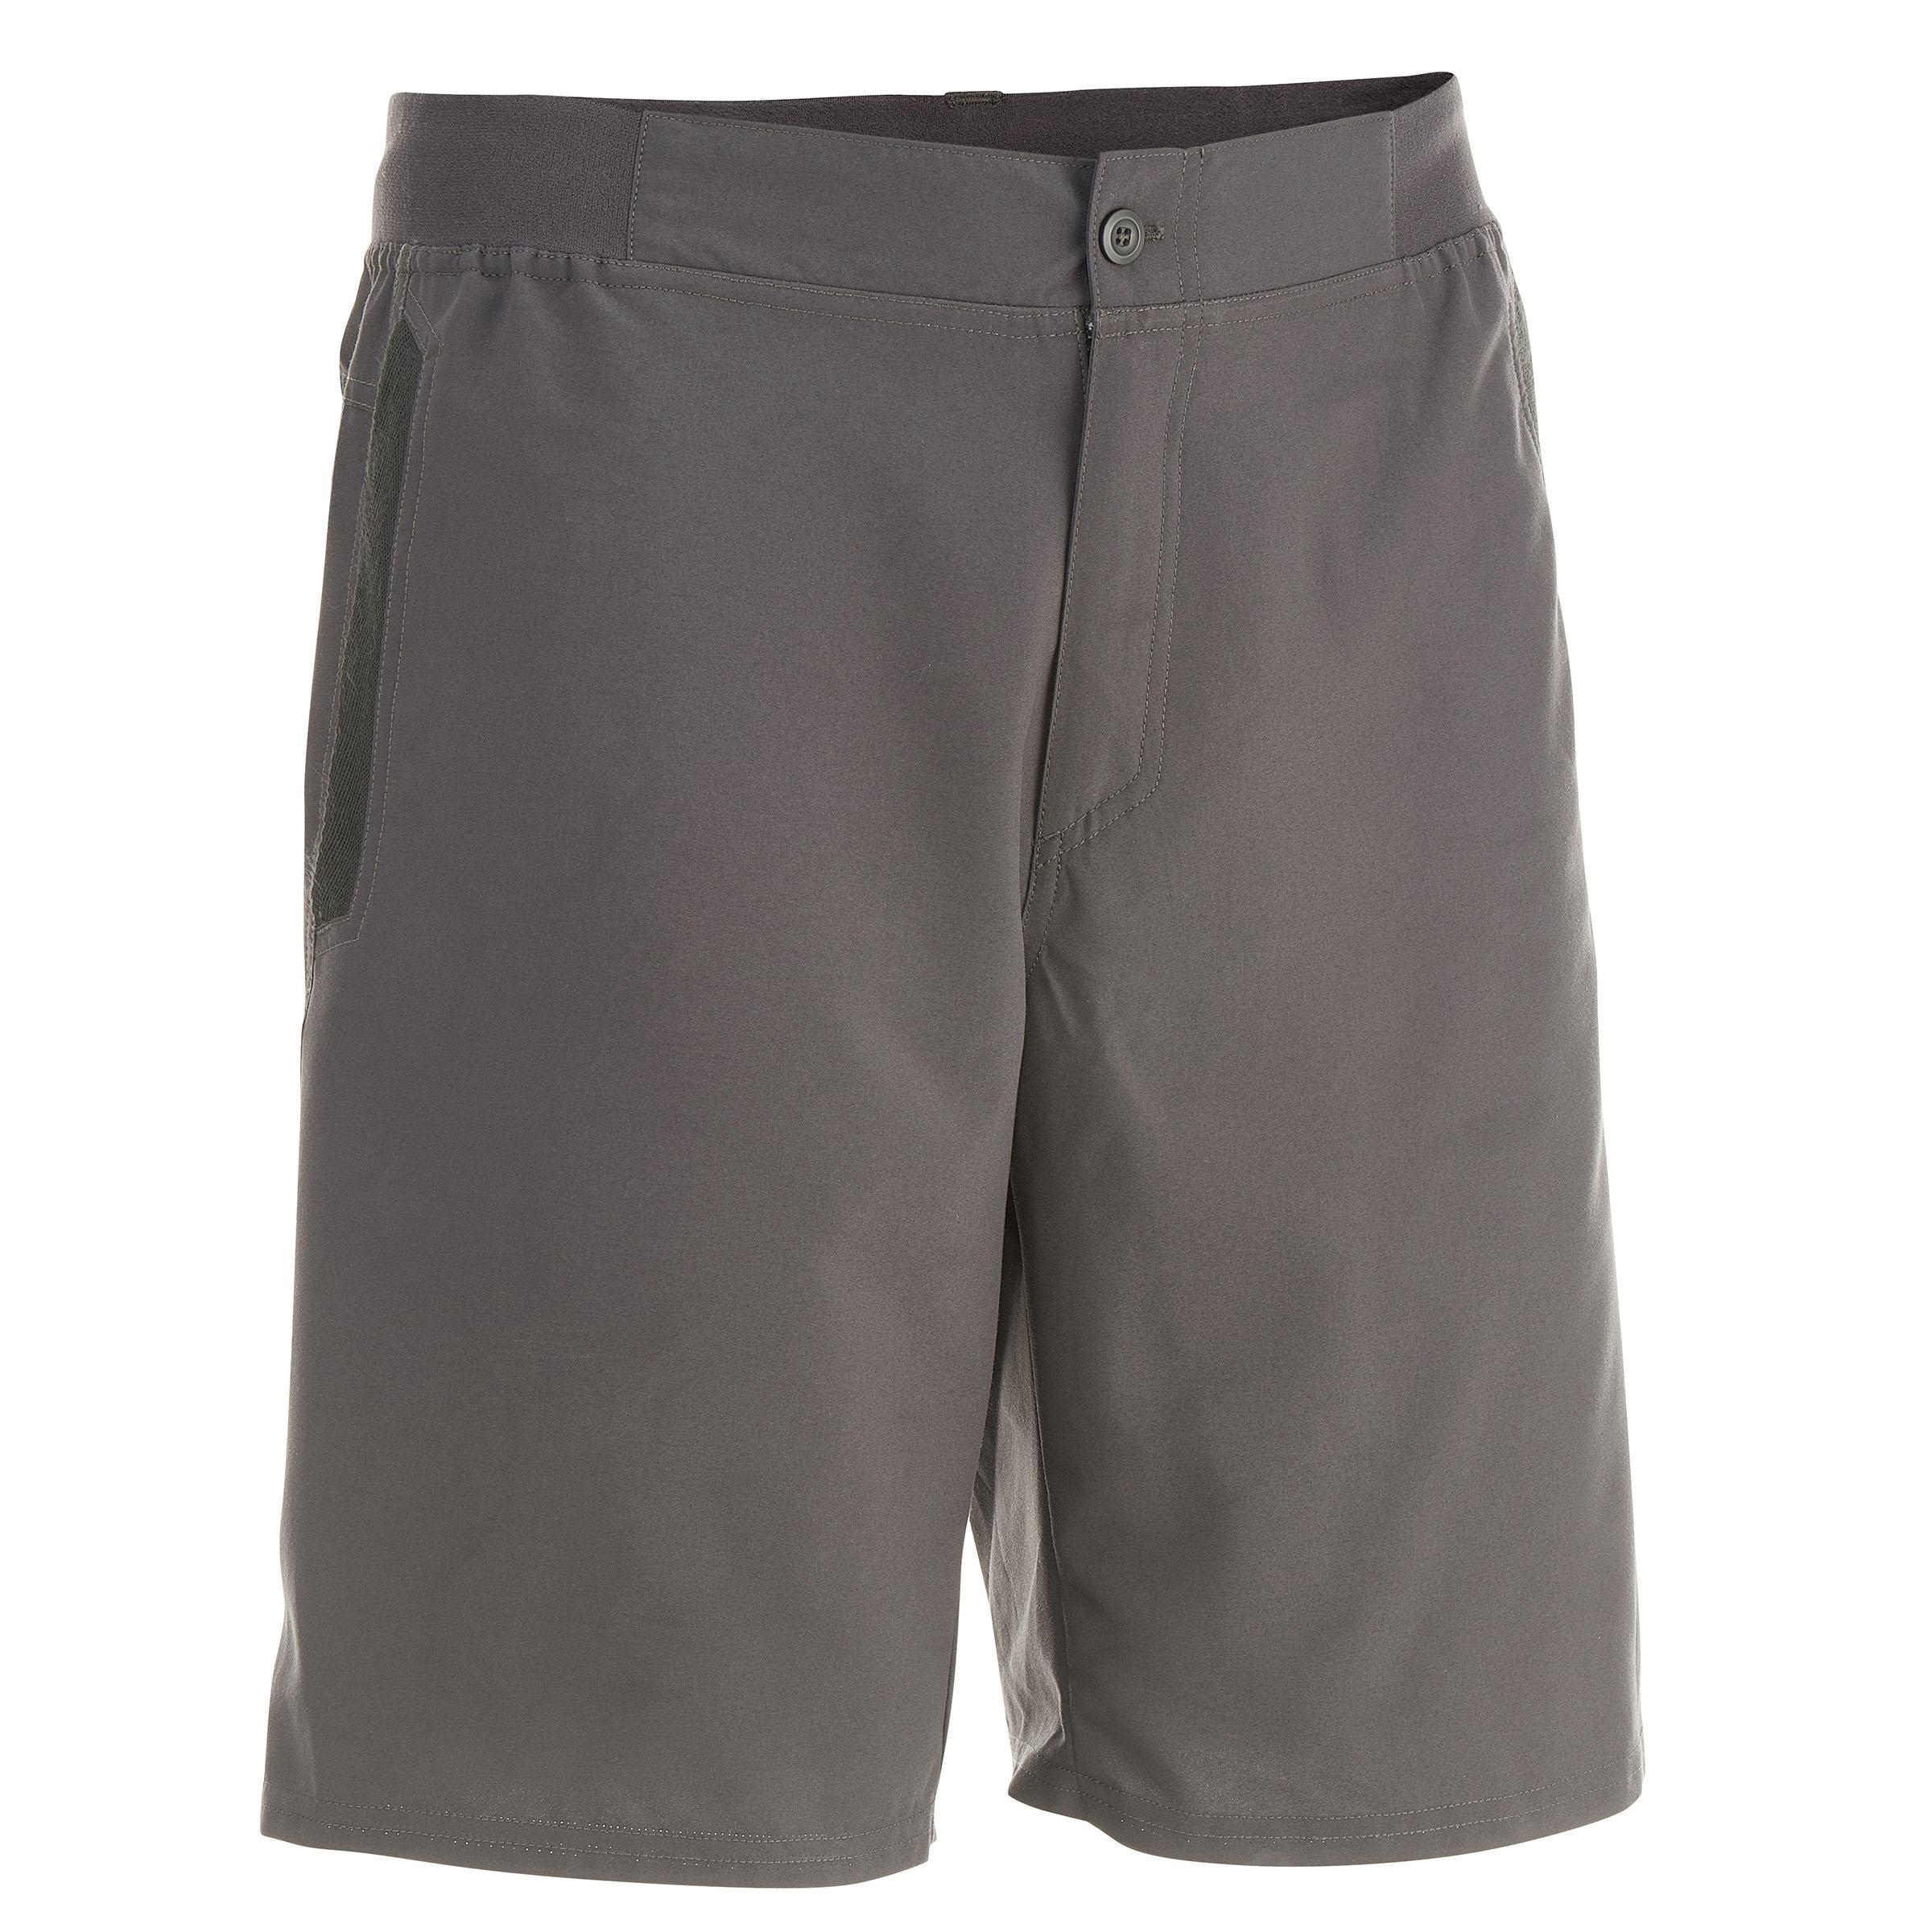 Short de campismo caballero Arpenaz 50 gris oscuro